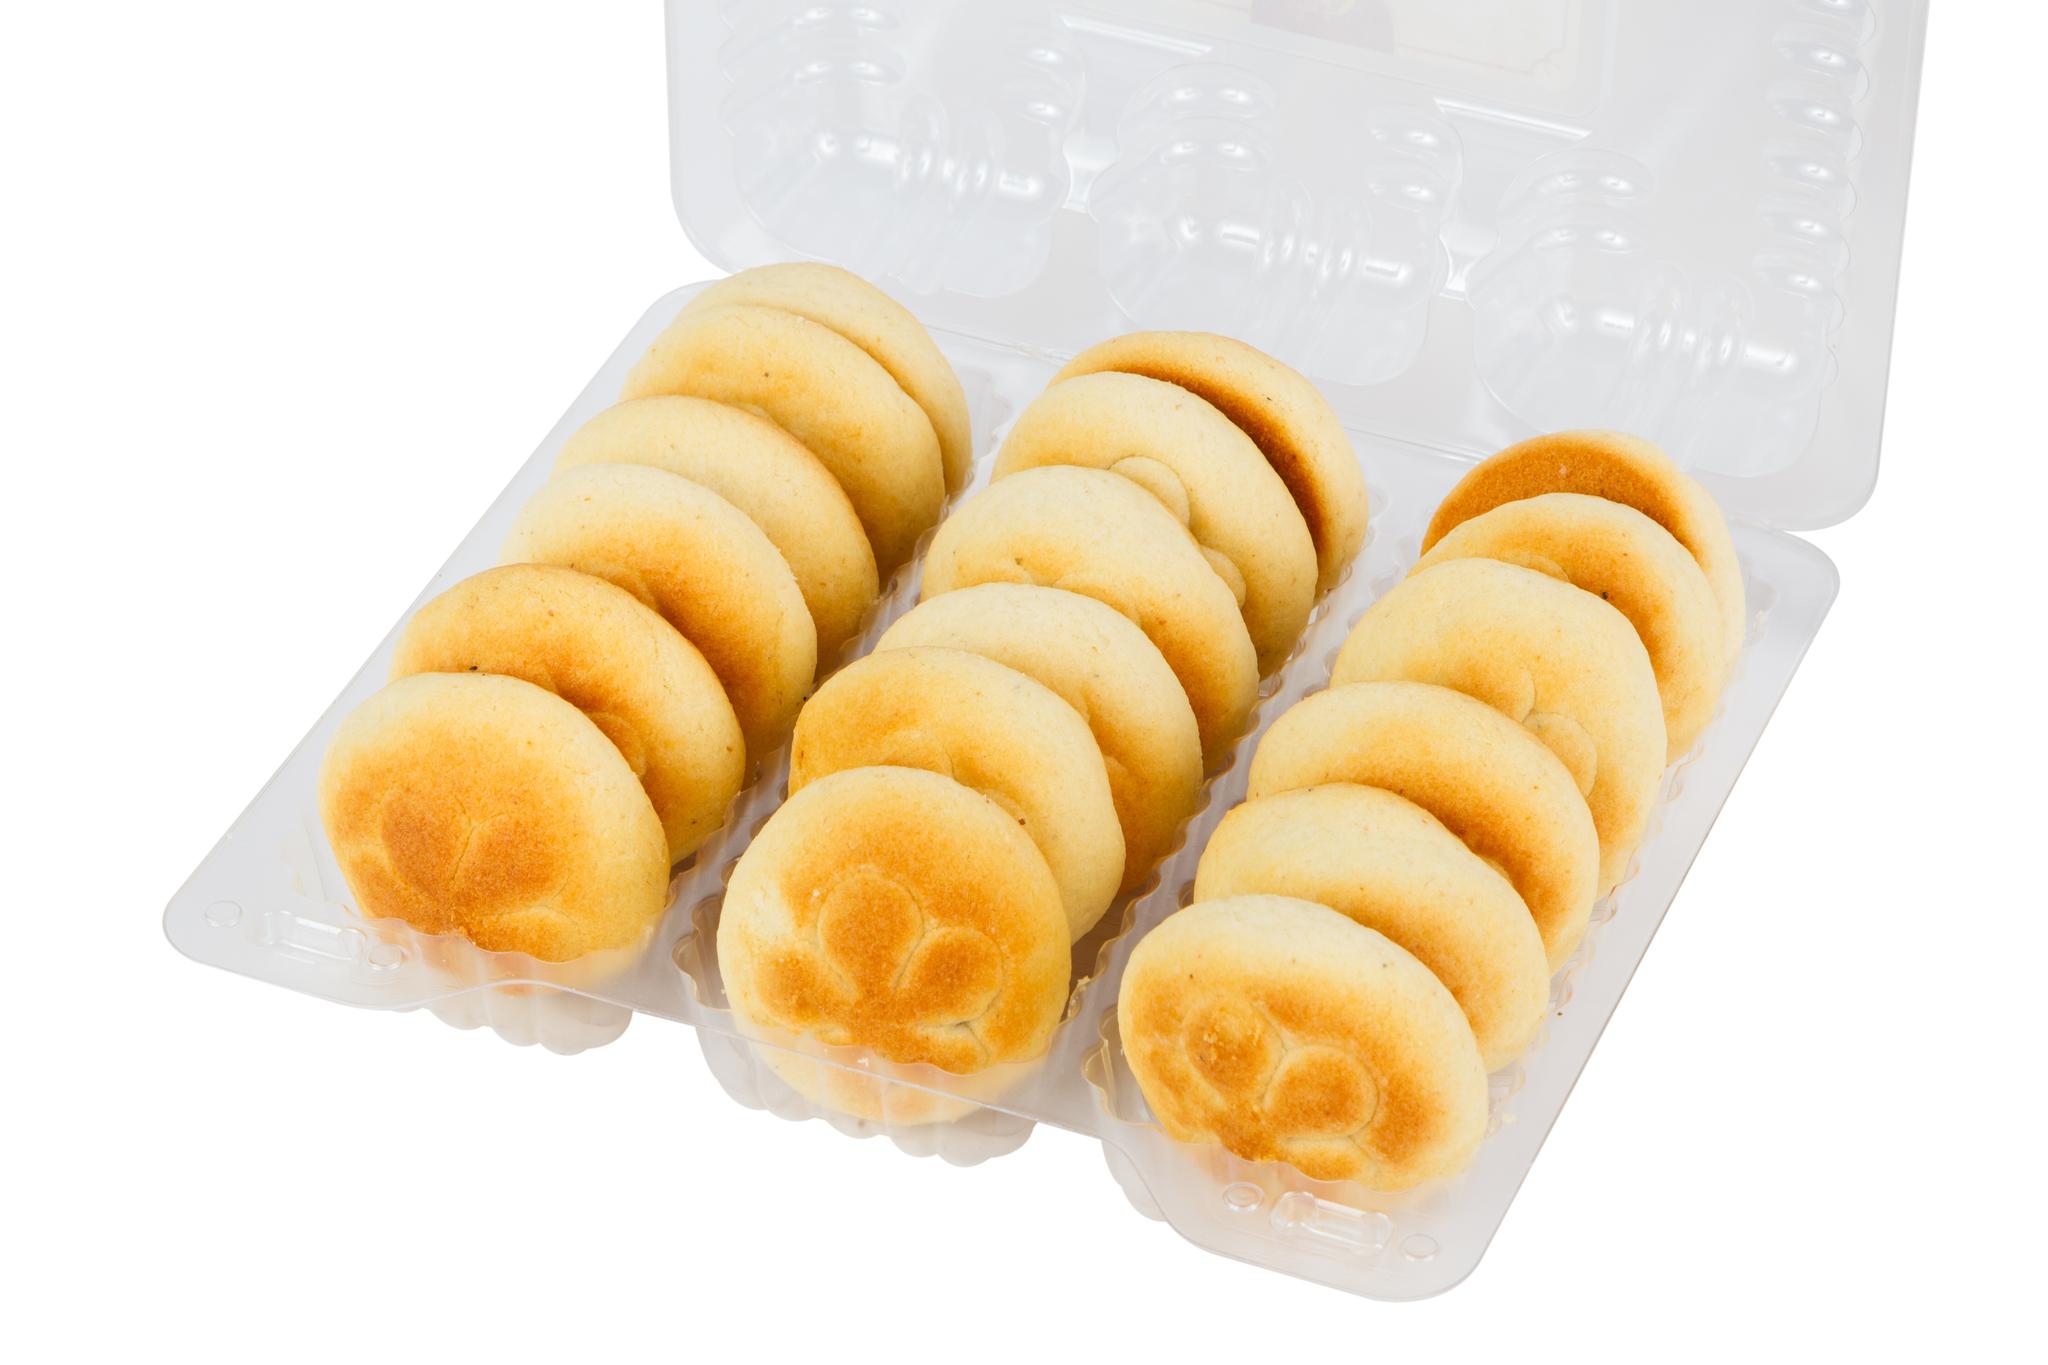 Печенье Восточное печенье с финиками Мамуль, 350 г import_files_75_75ecc6ac787e11e799f3606c664b1de1_22677821ae6c11e7b011fcaa1488e48f.jpg